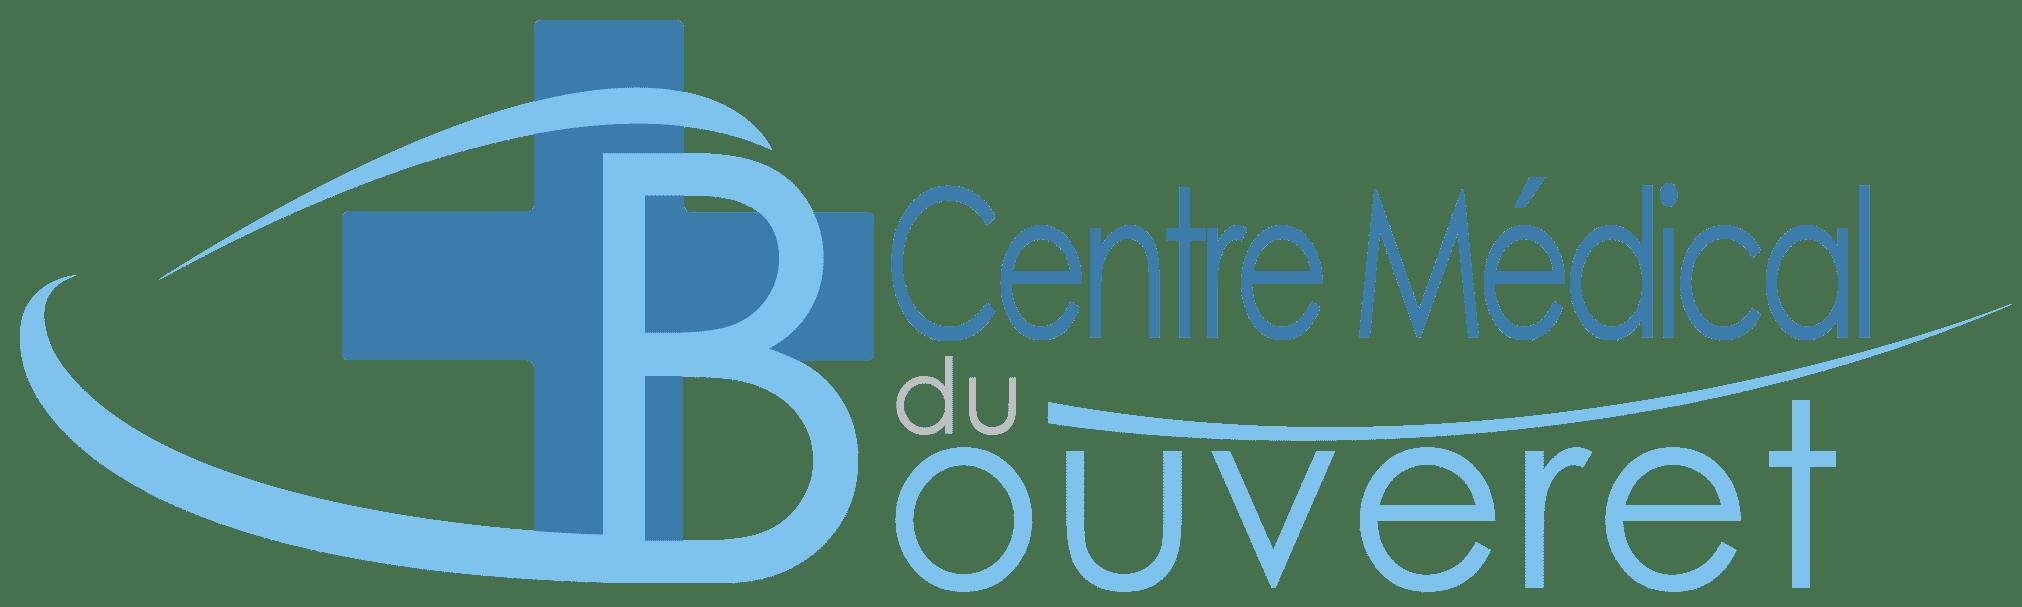 Cabinet médical du Bouveret